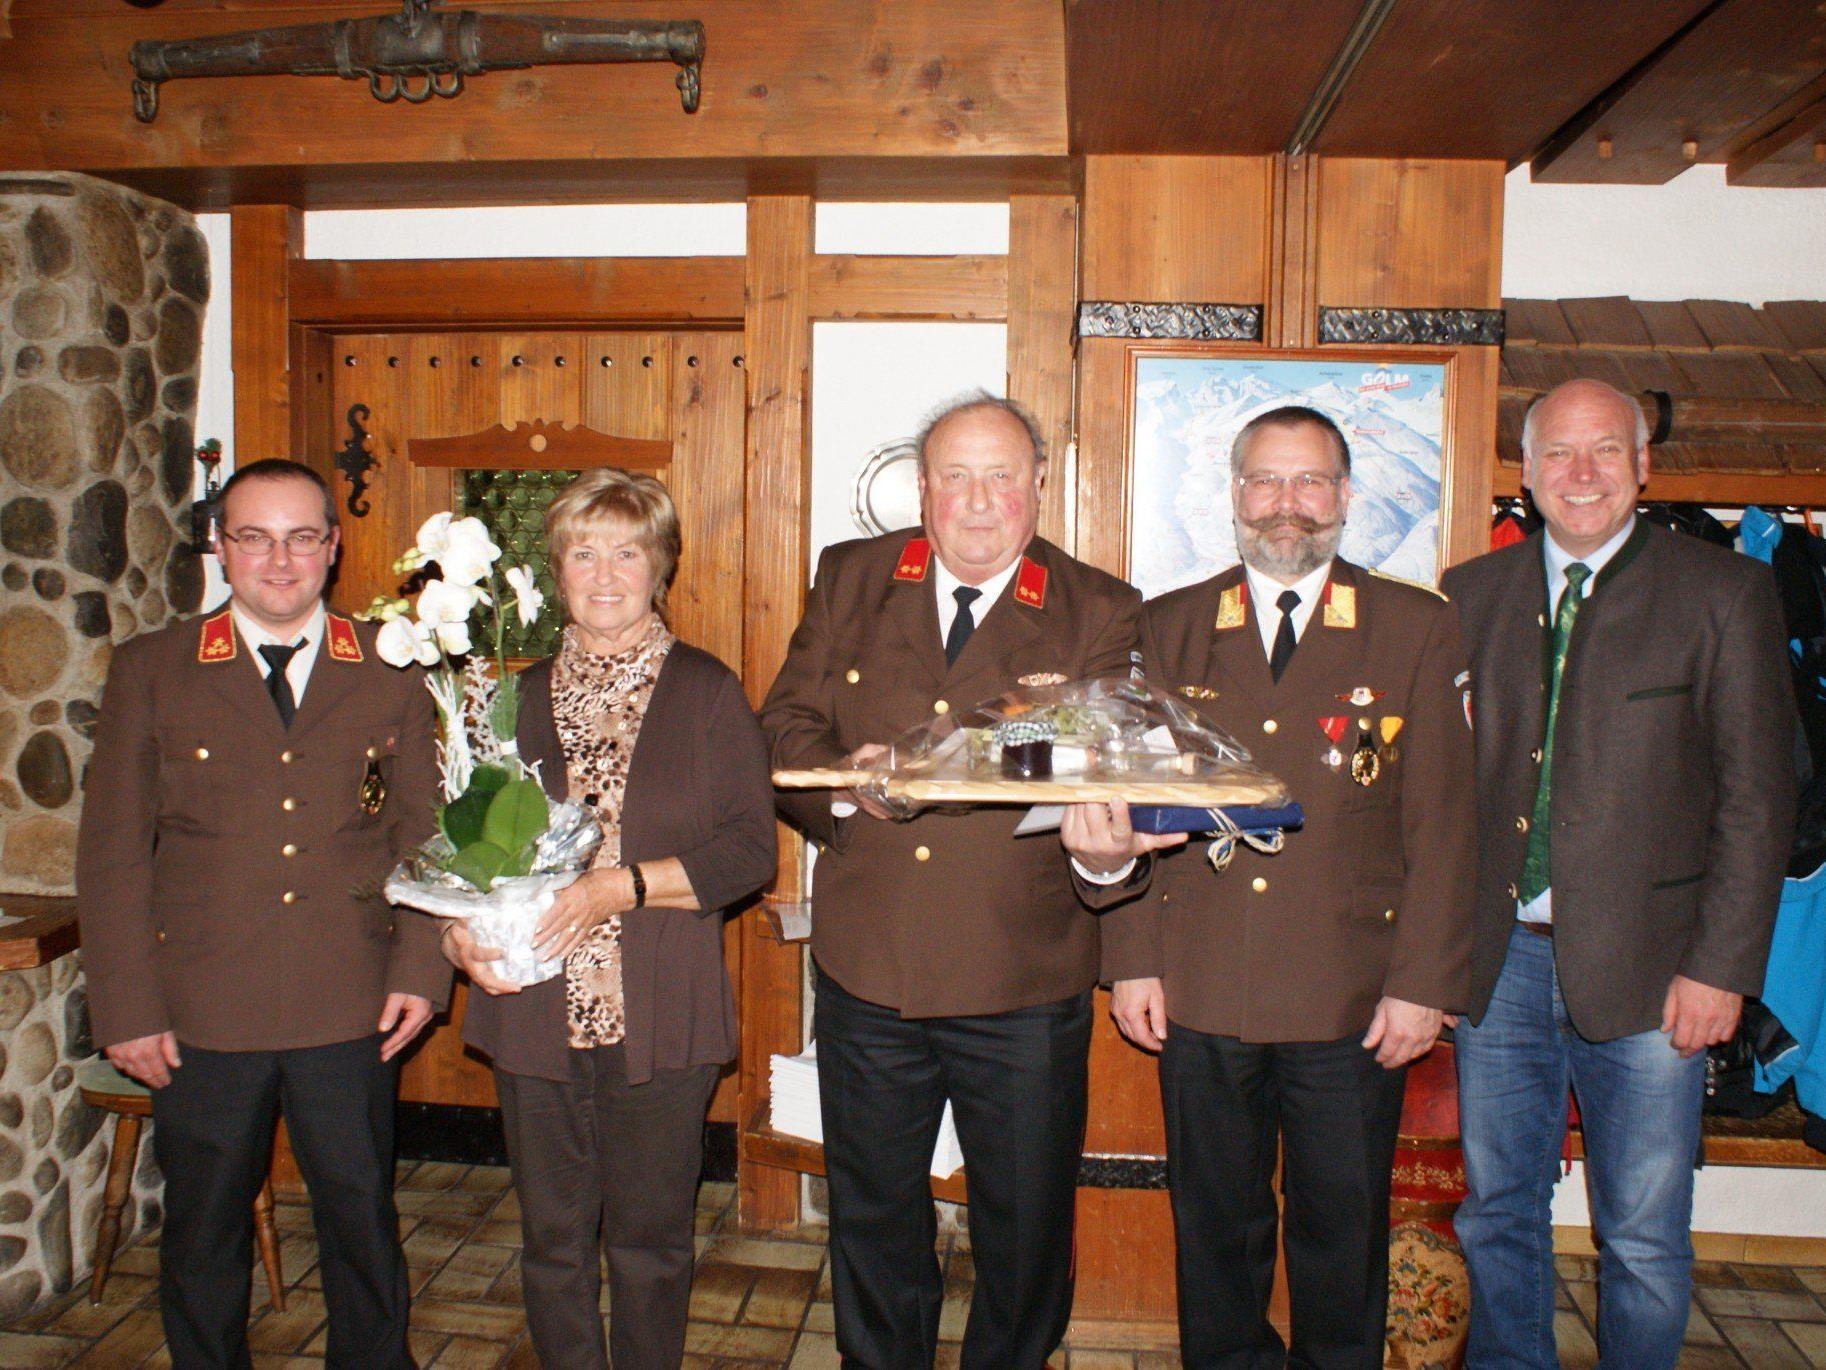 von links: Christoph Schapler, Roswitha Wachter, Edwin Wachter, Alexander Loretz, Burkhard Wachter